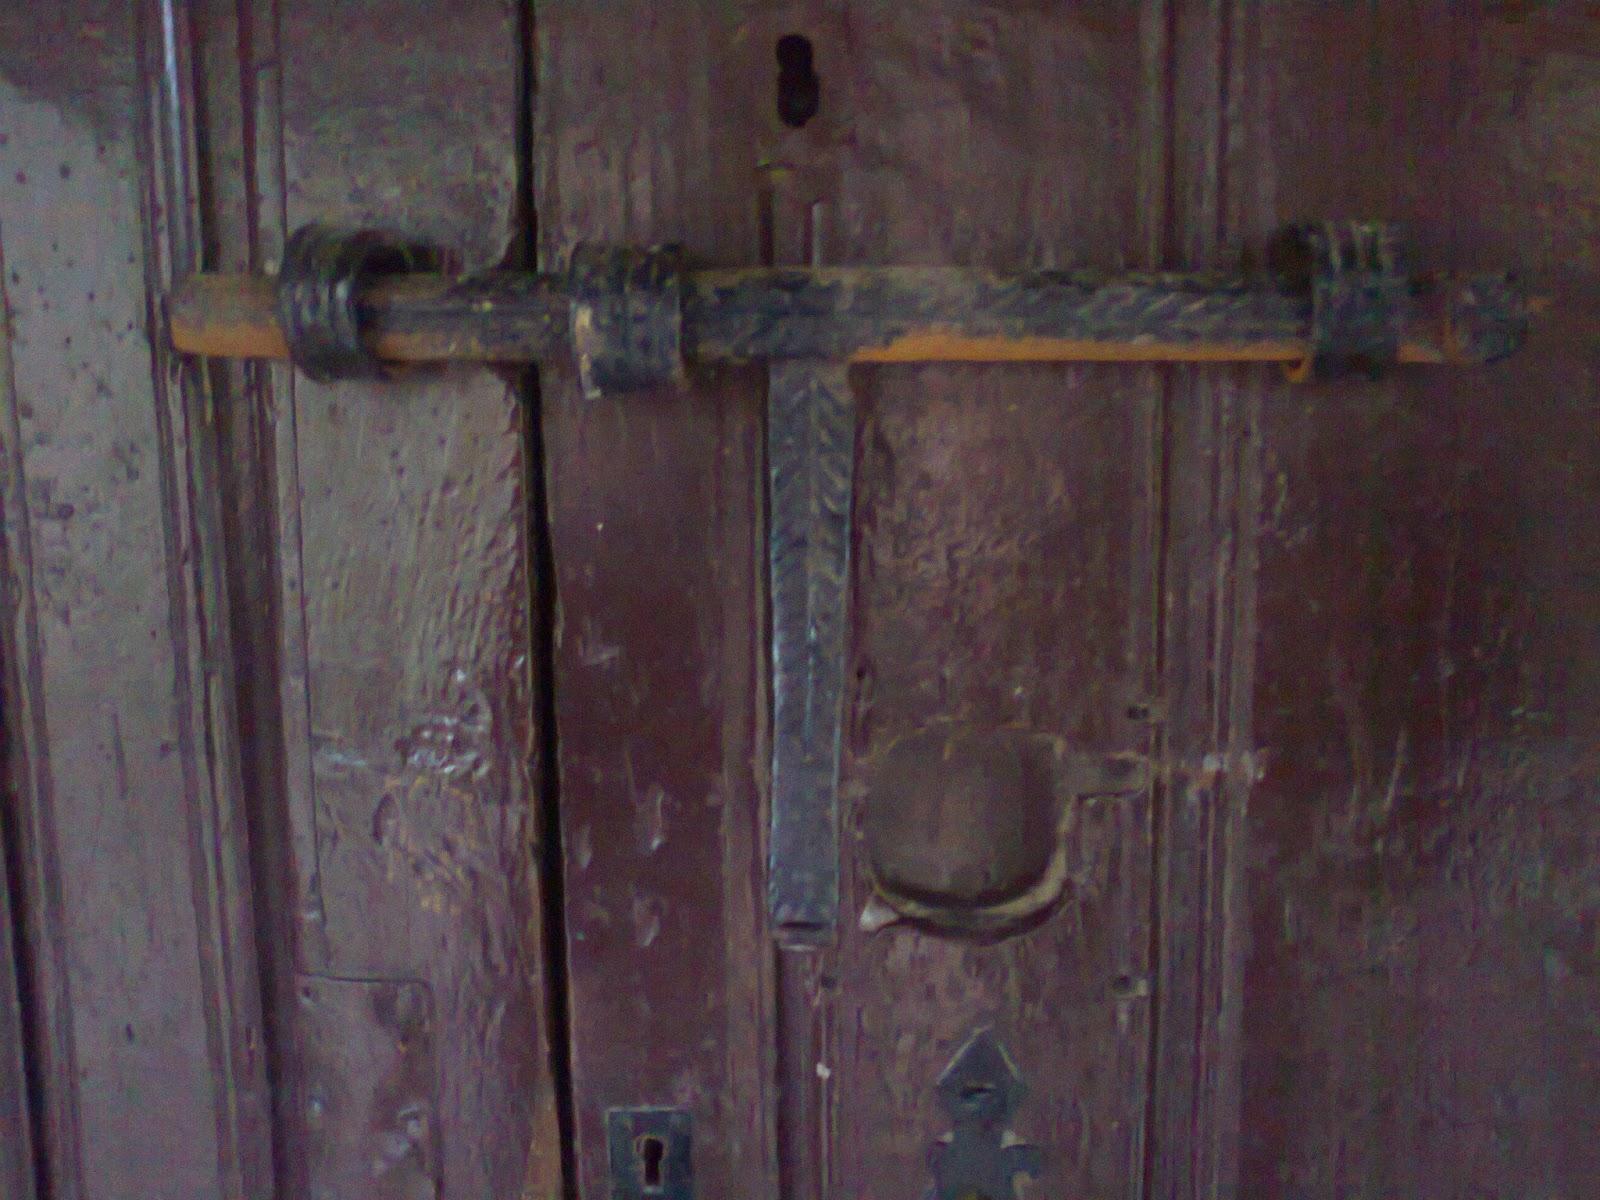 El robledal de todos cerrojos y rejostras en puertas g ticas for Decoracion con puertas antiguas